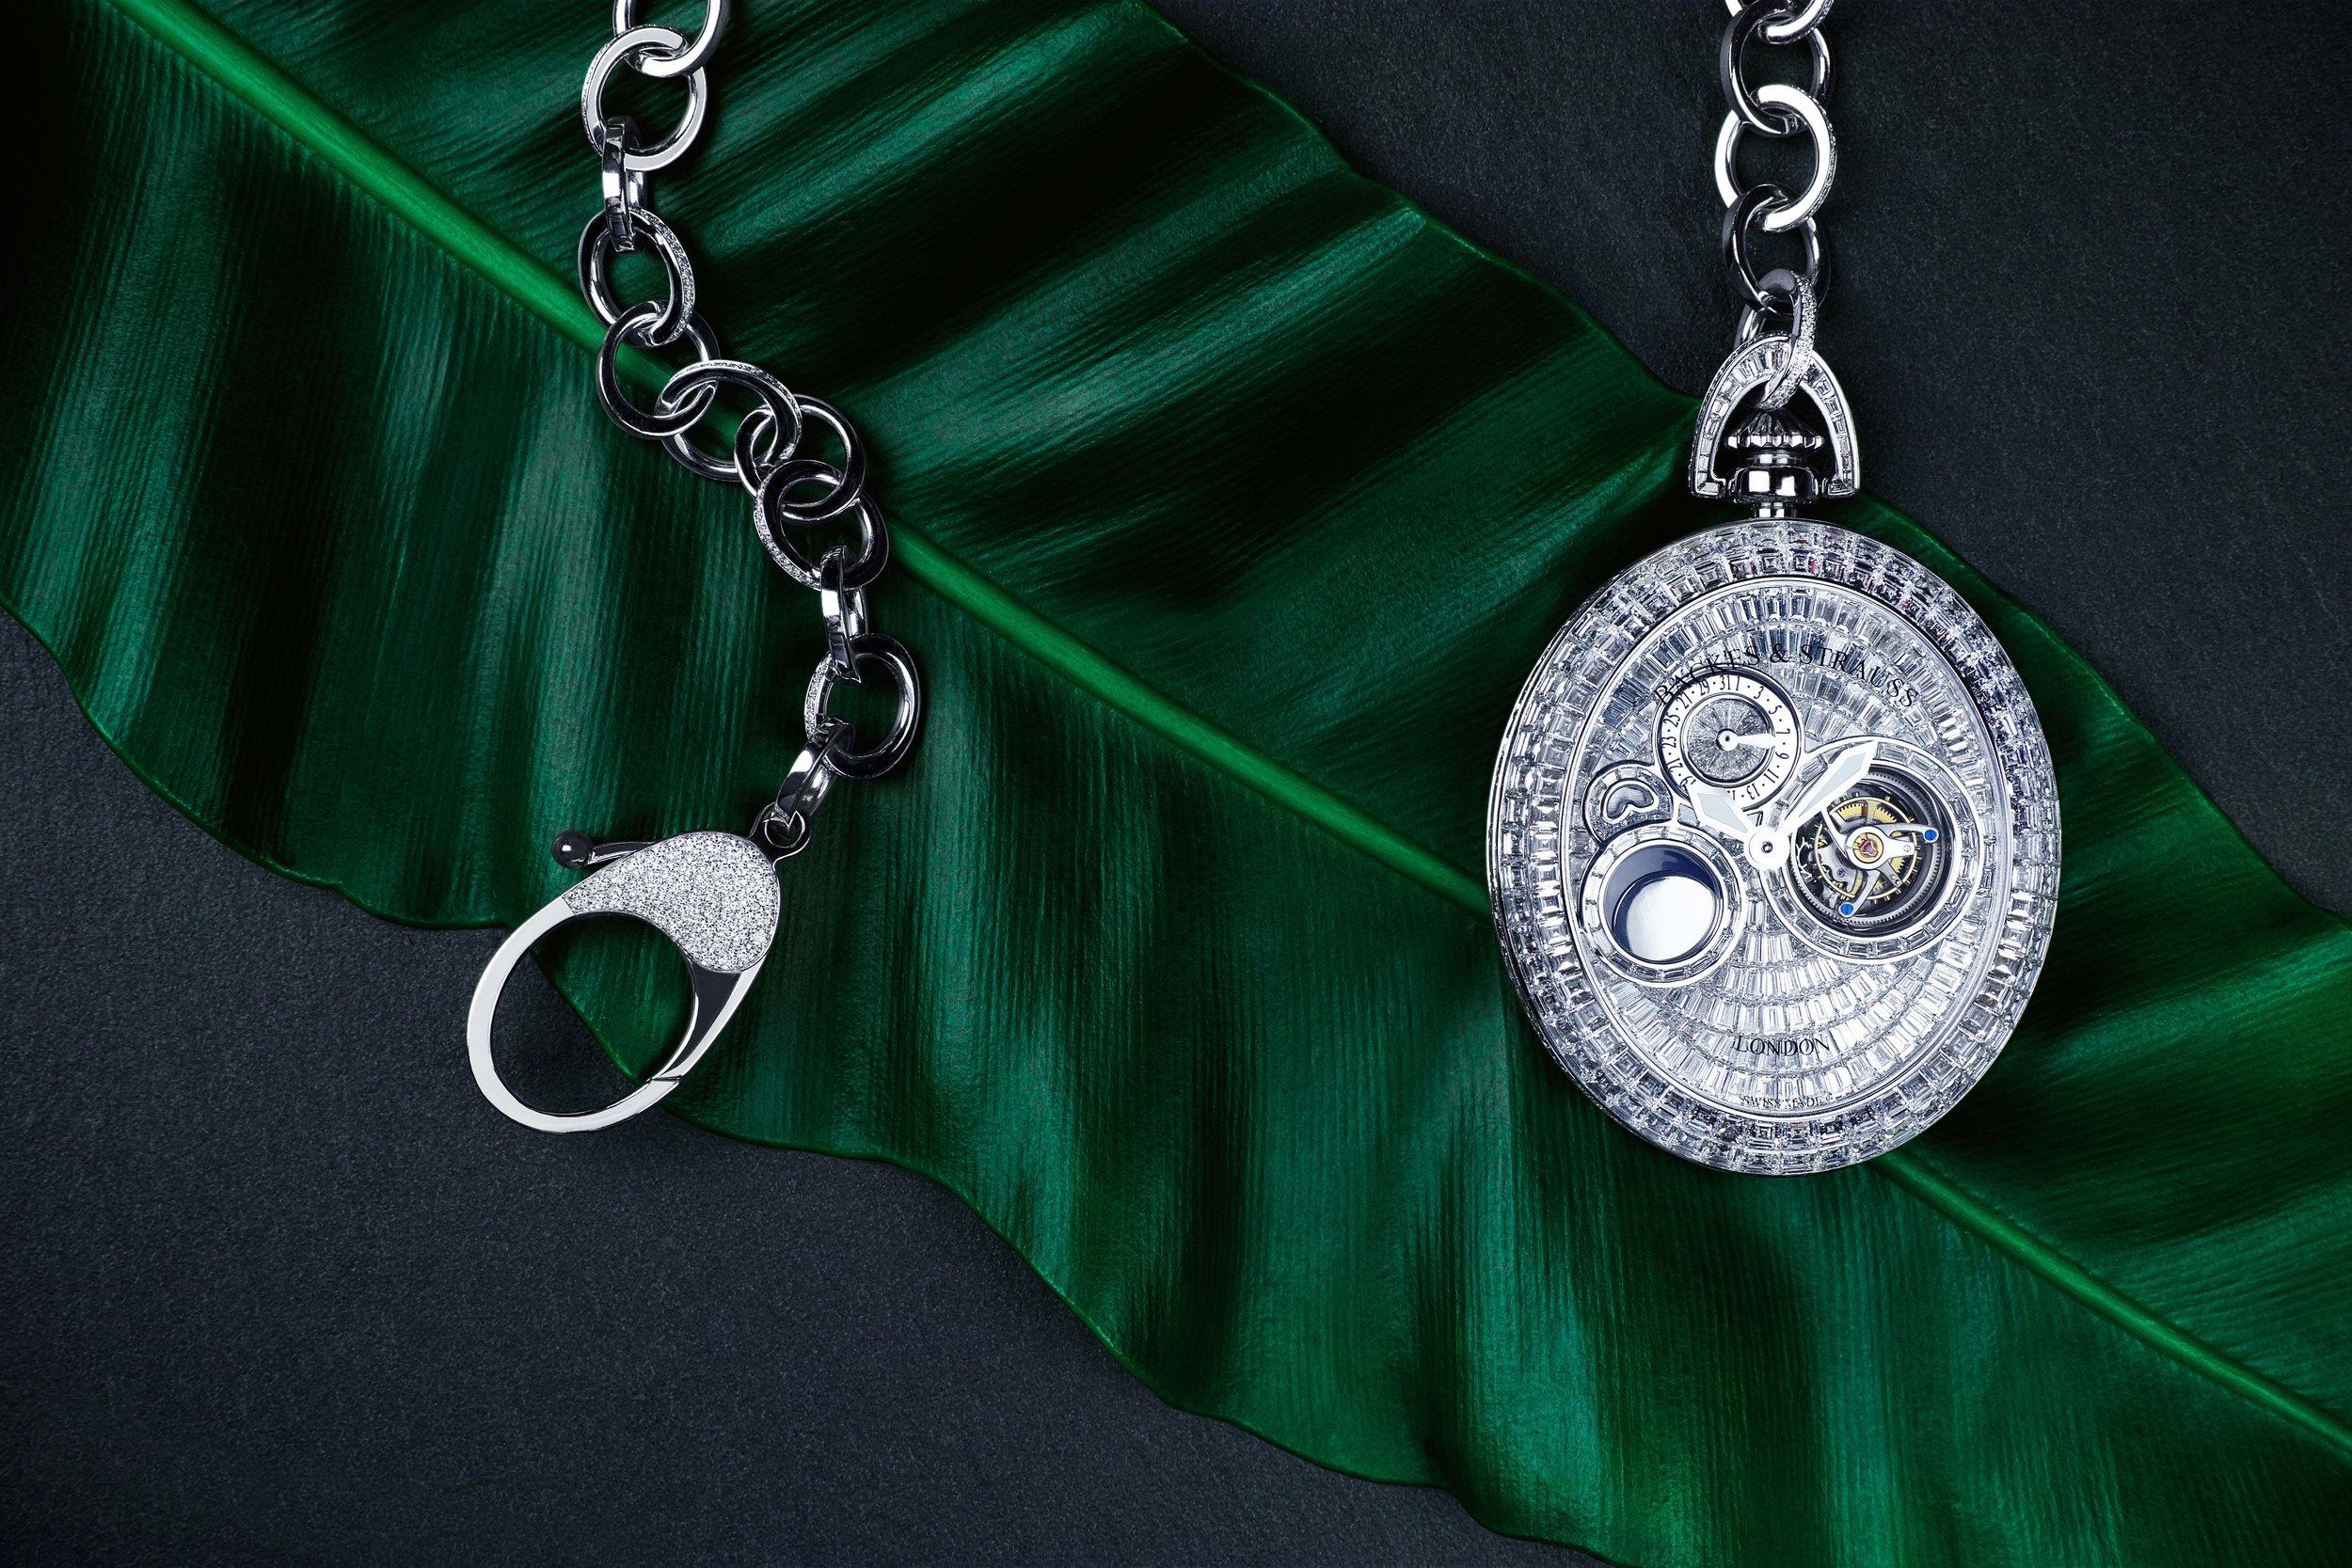 Regent Beau Brummell Tourbillon high end diamond pocket watch